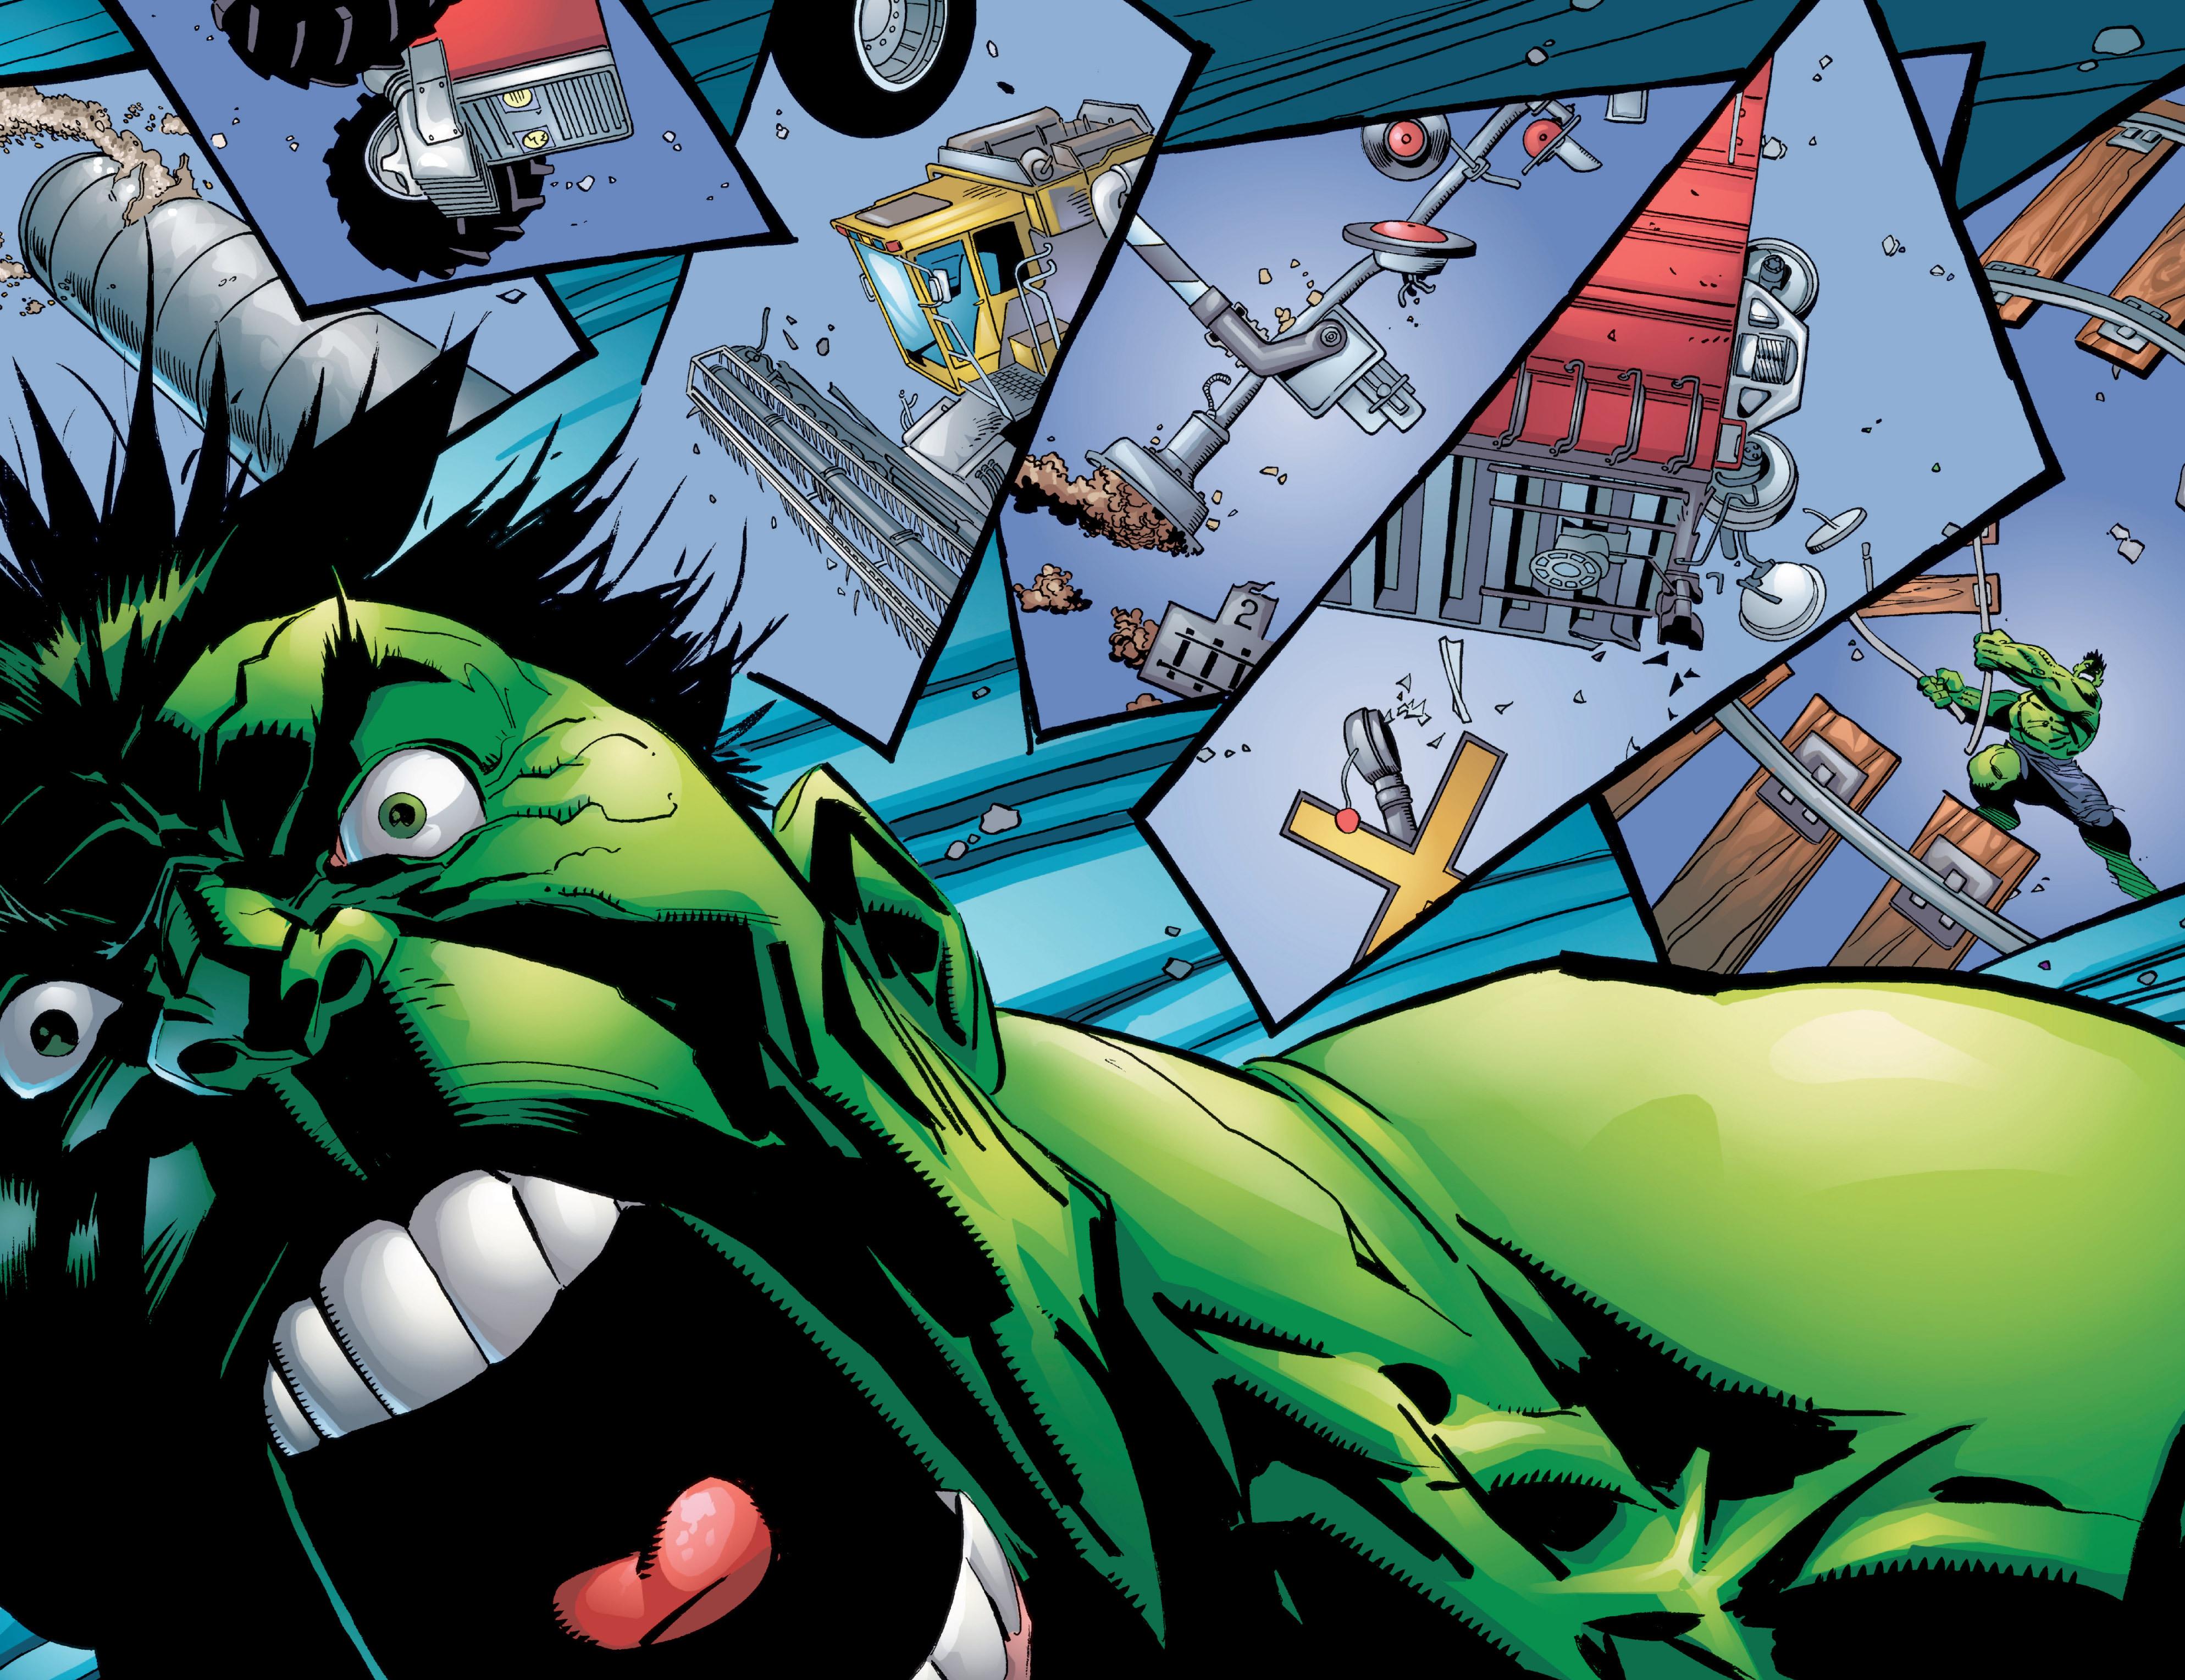 File:HulkSmash.jpg